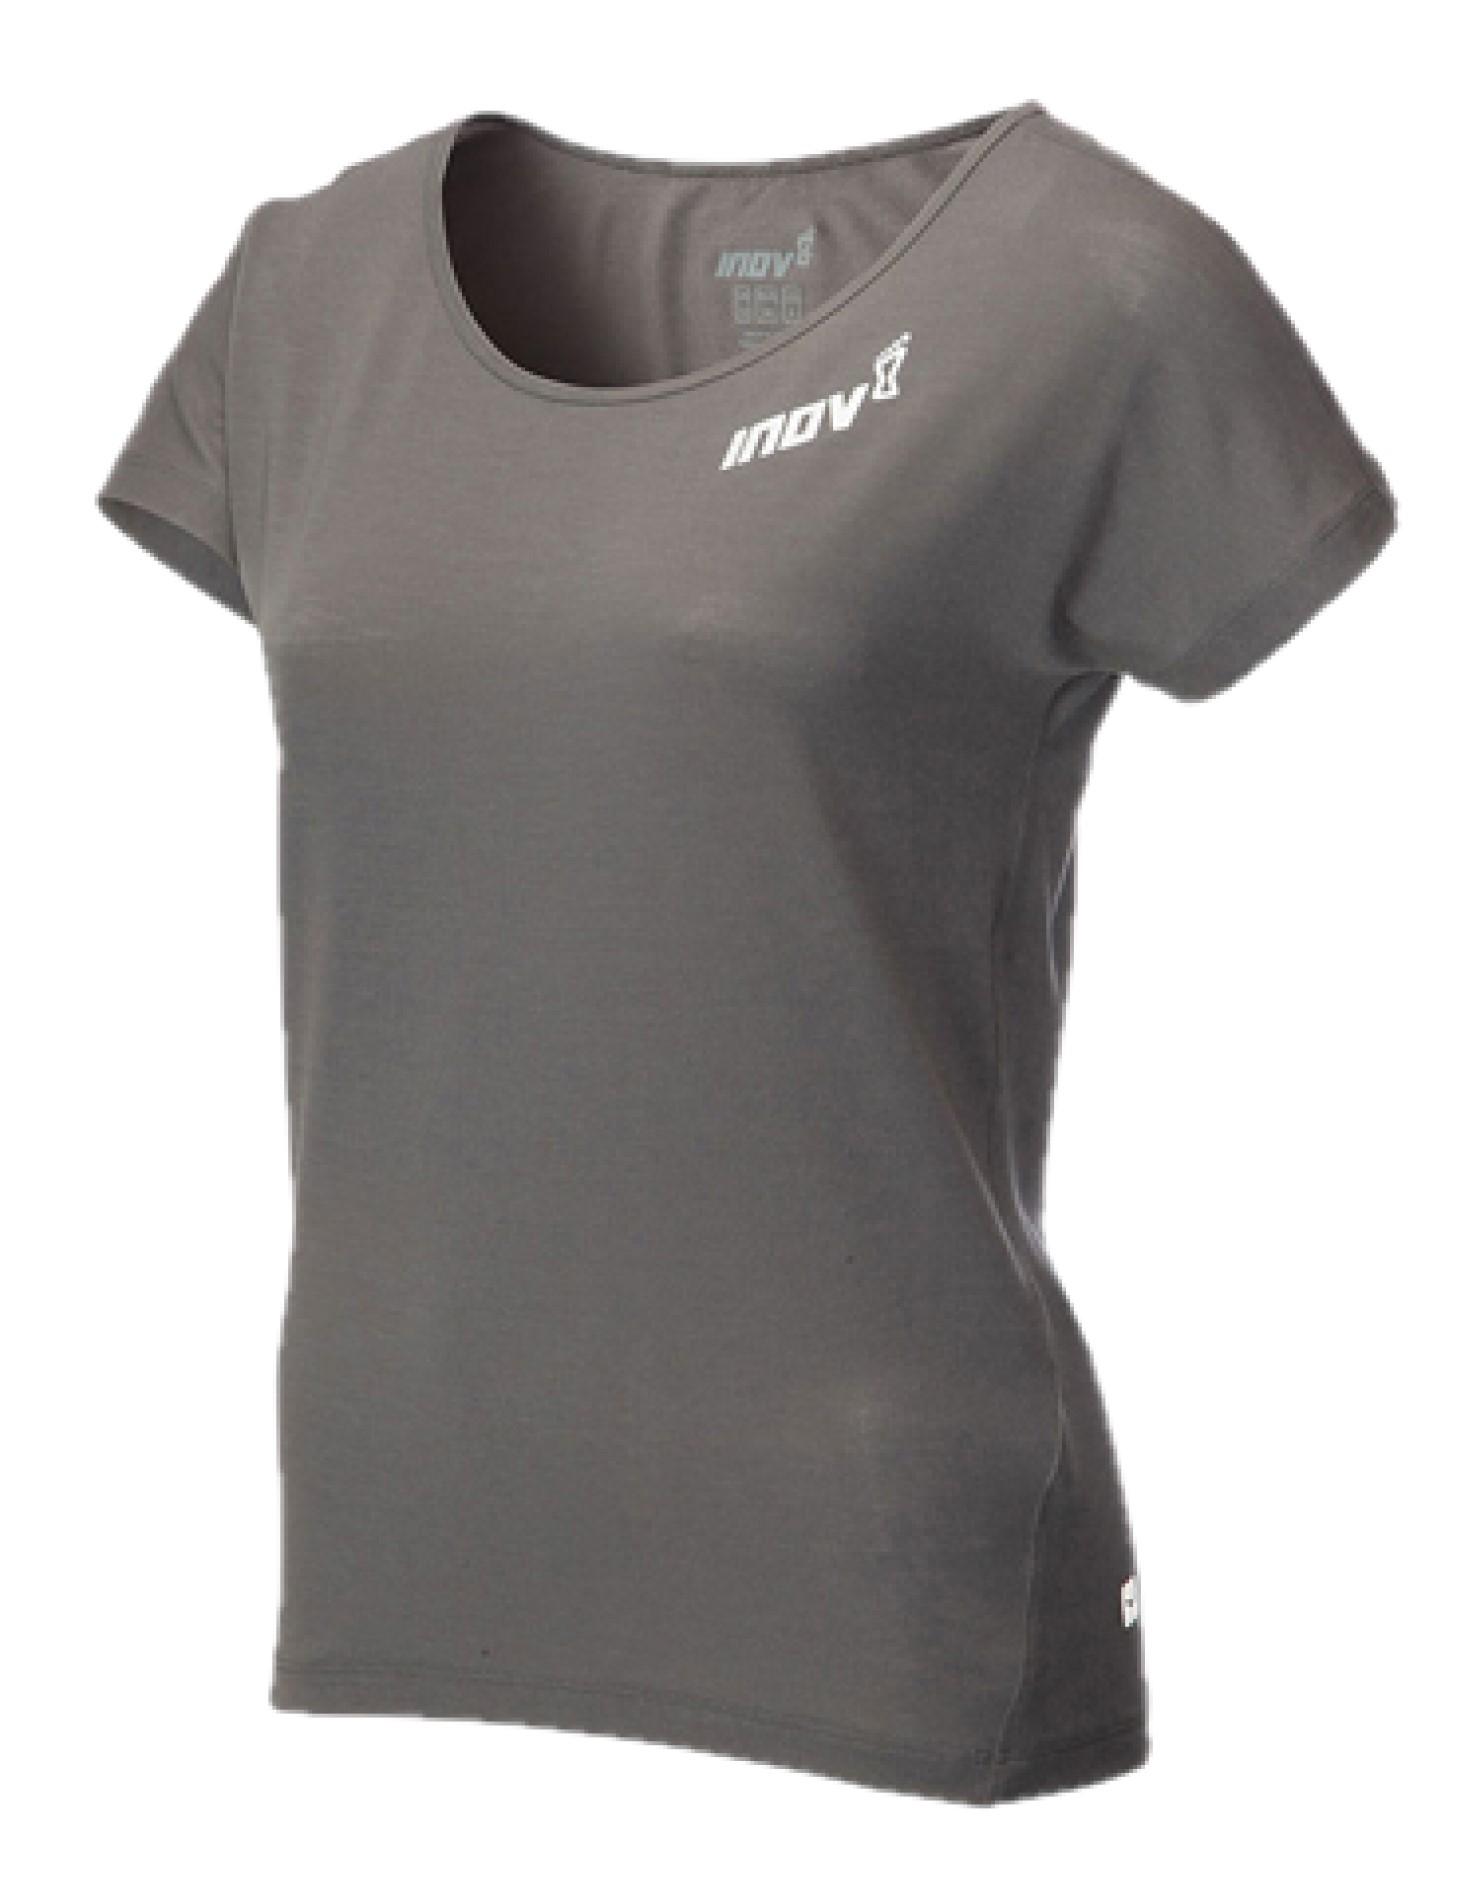 חולצת אימון אינוב 8 לנשים Inov 8 DRI RELEASE - אפור כהה